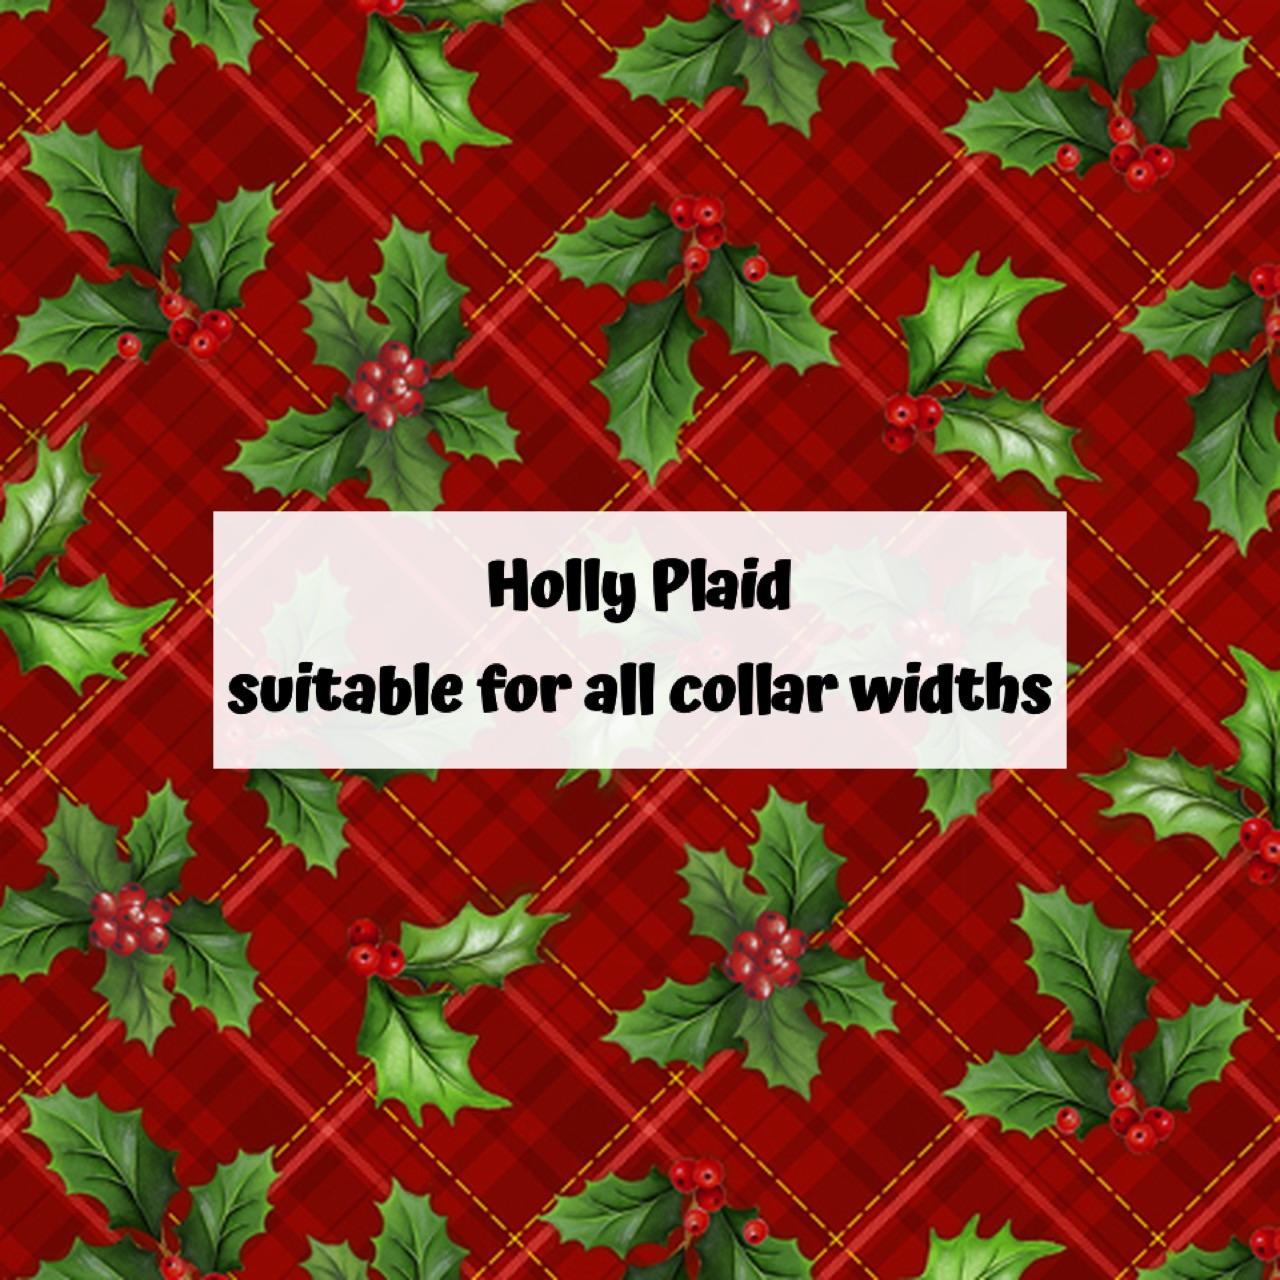 Holly Plaid